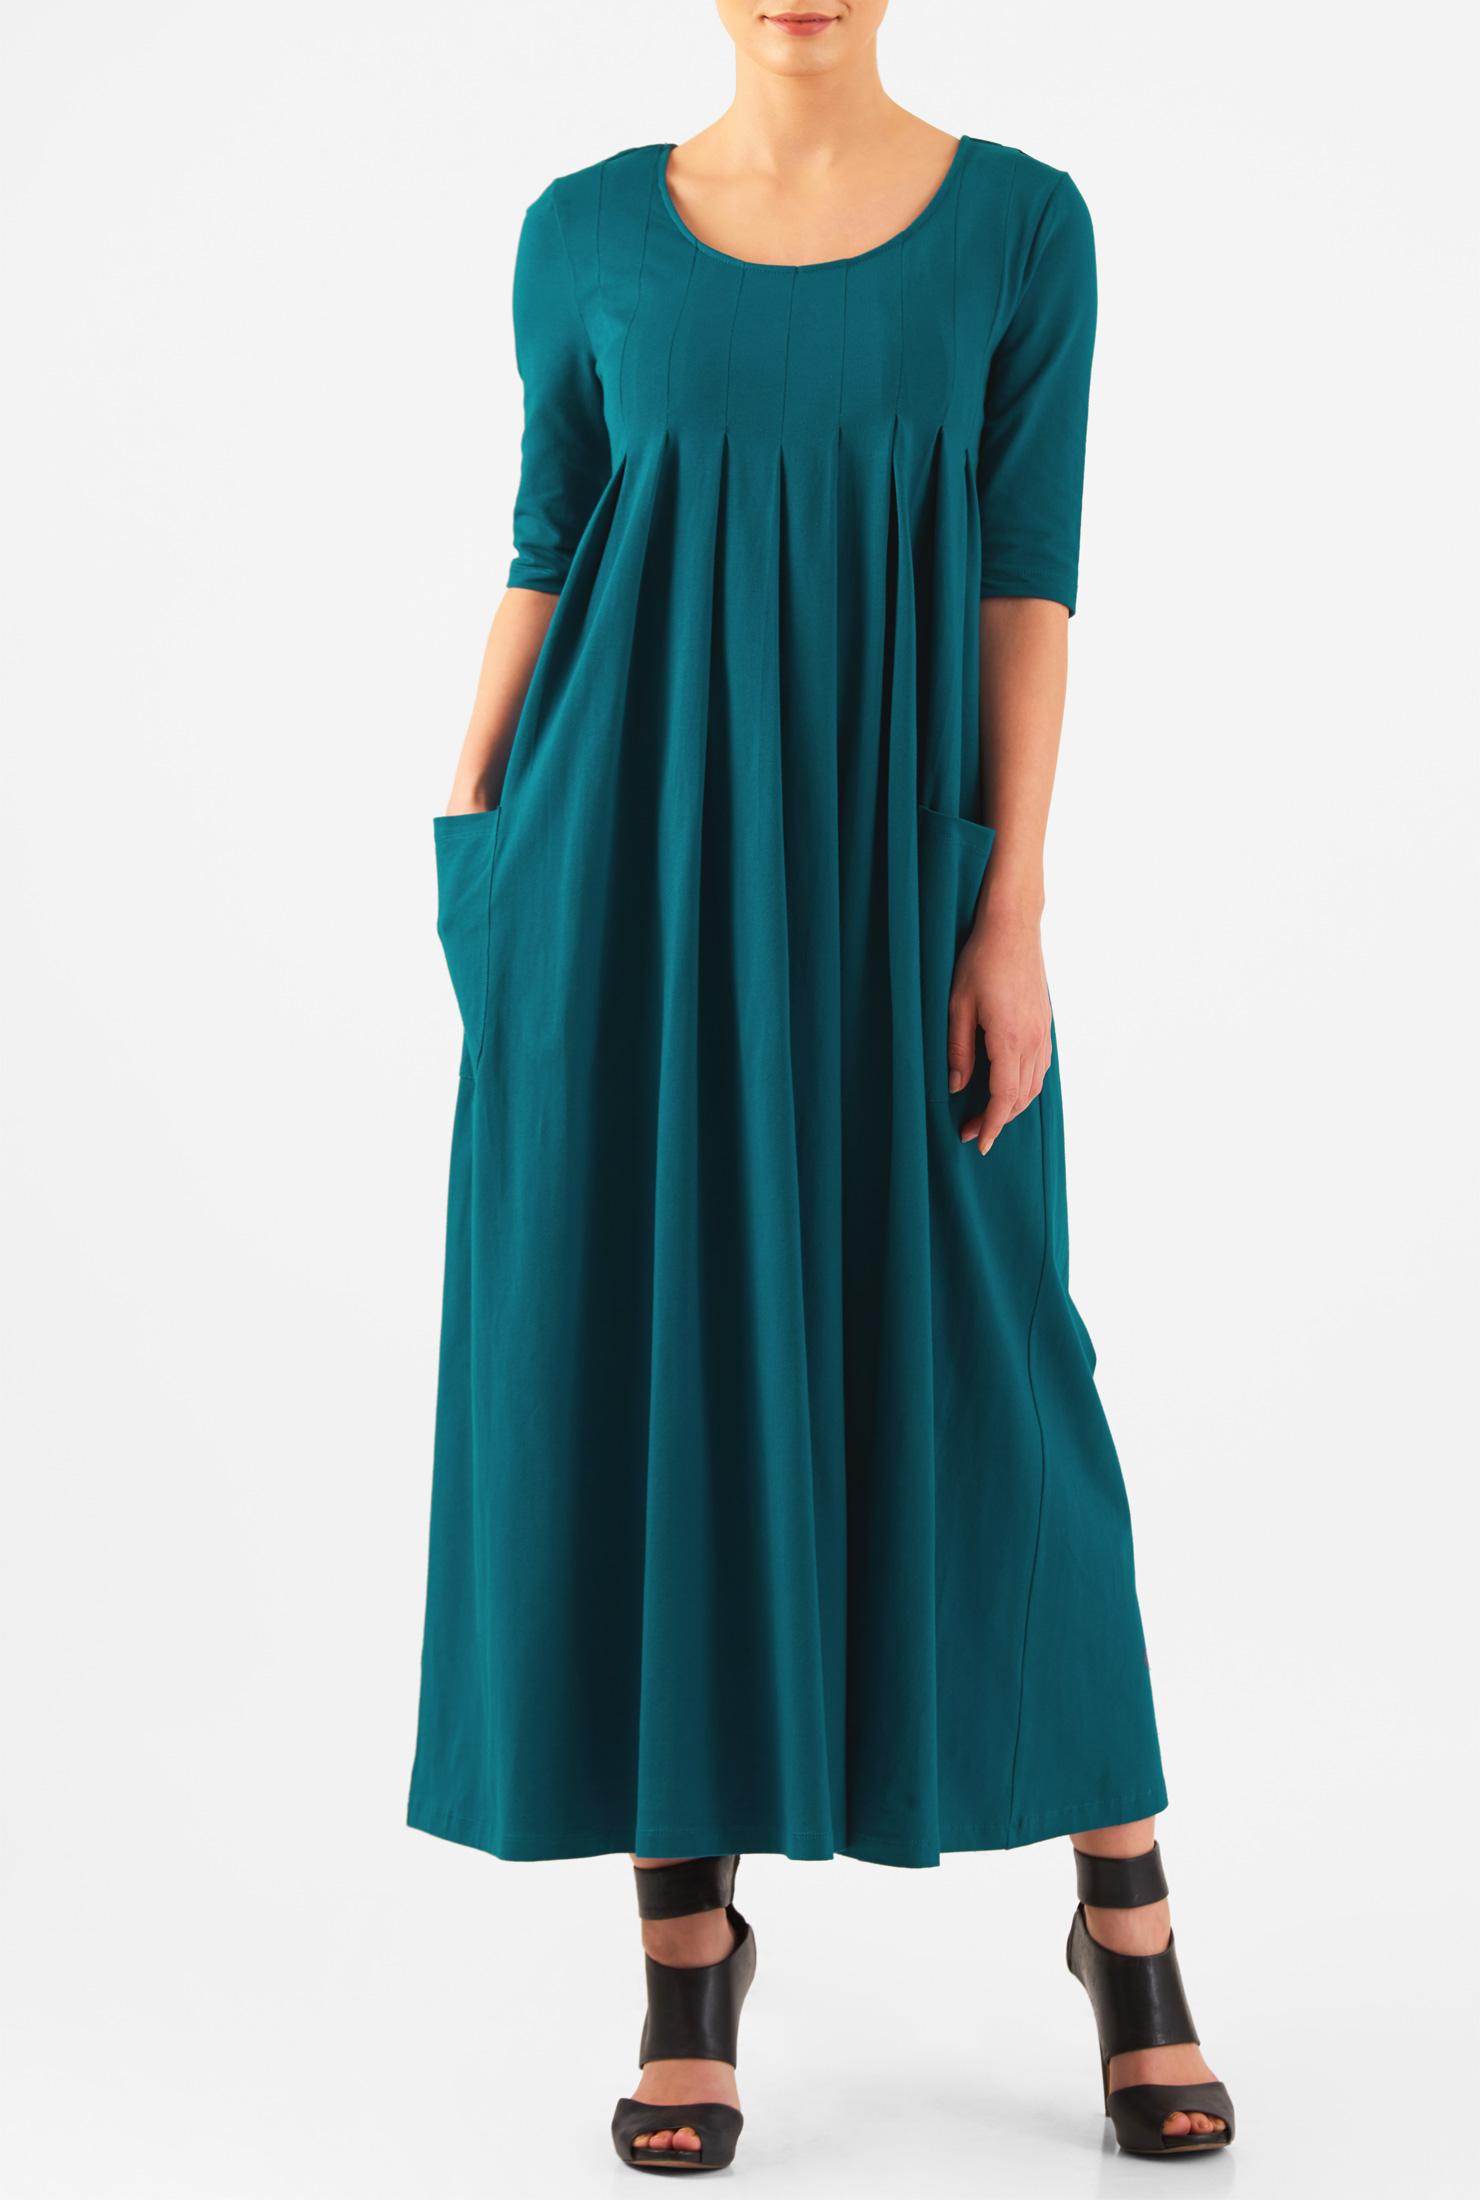 eShakti Women's Scoop neck pleated cotton knit maxi dress CL0047096